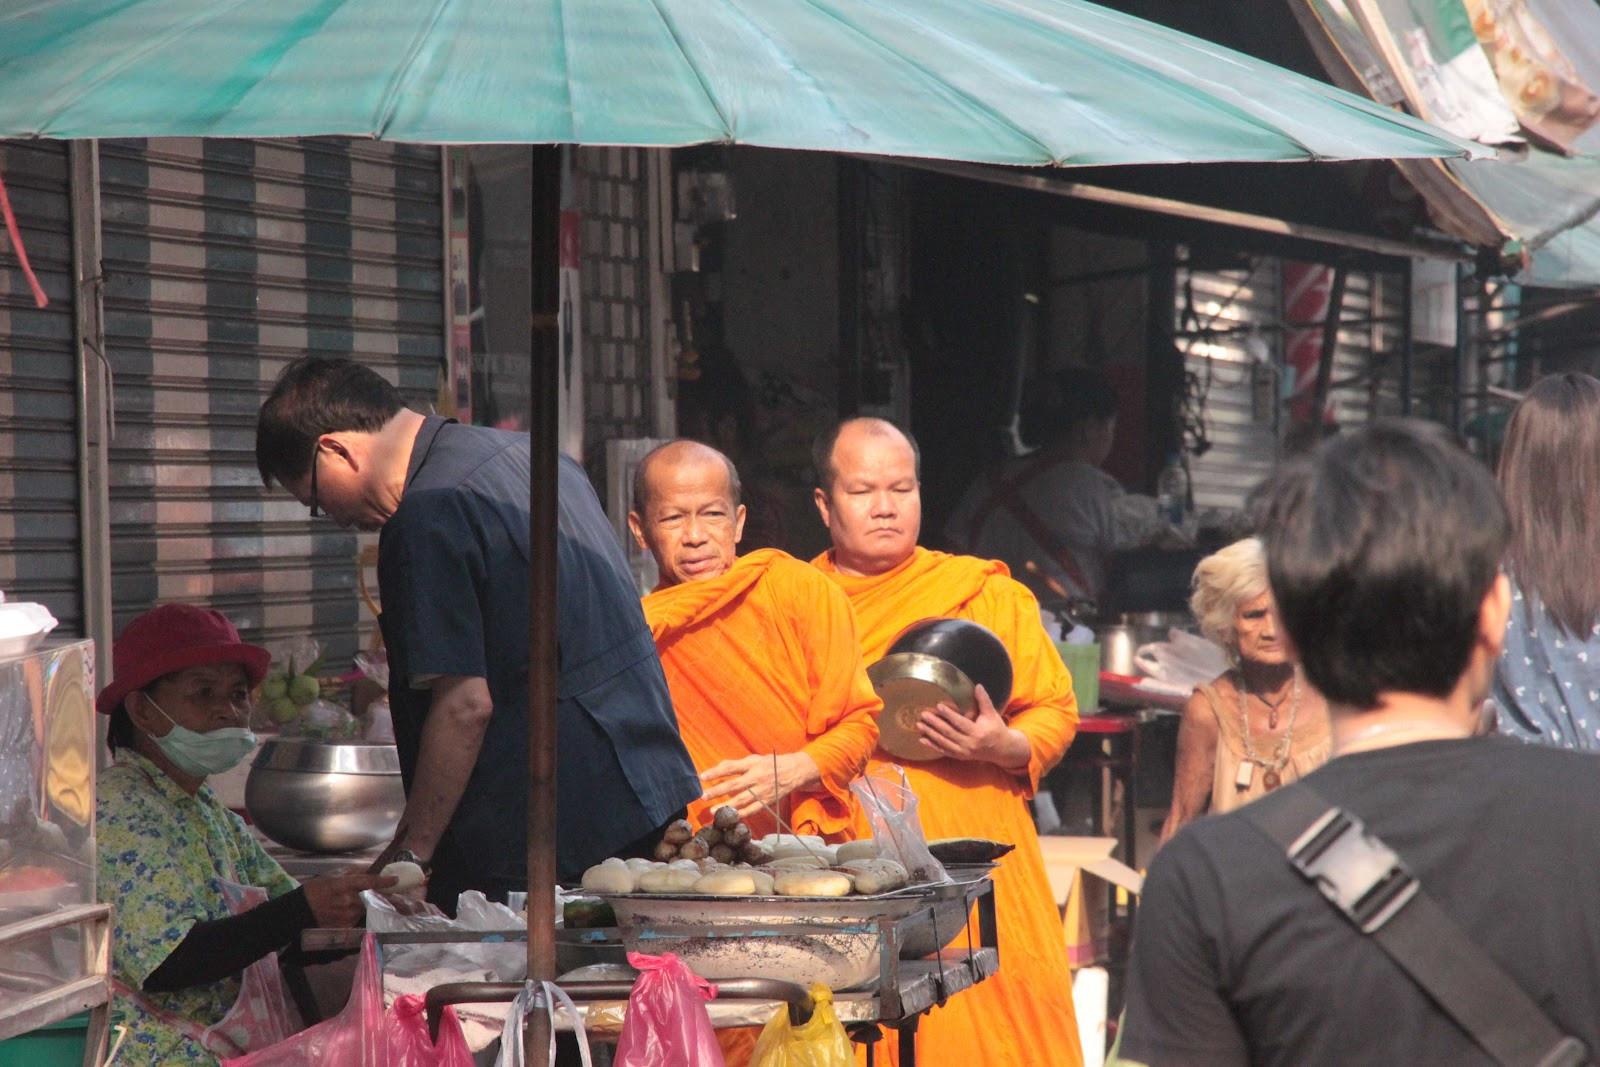 monges na rua.jpg